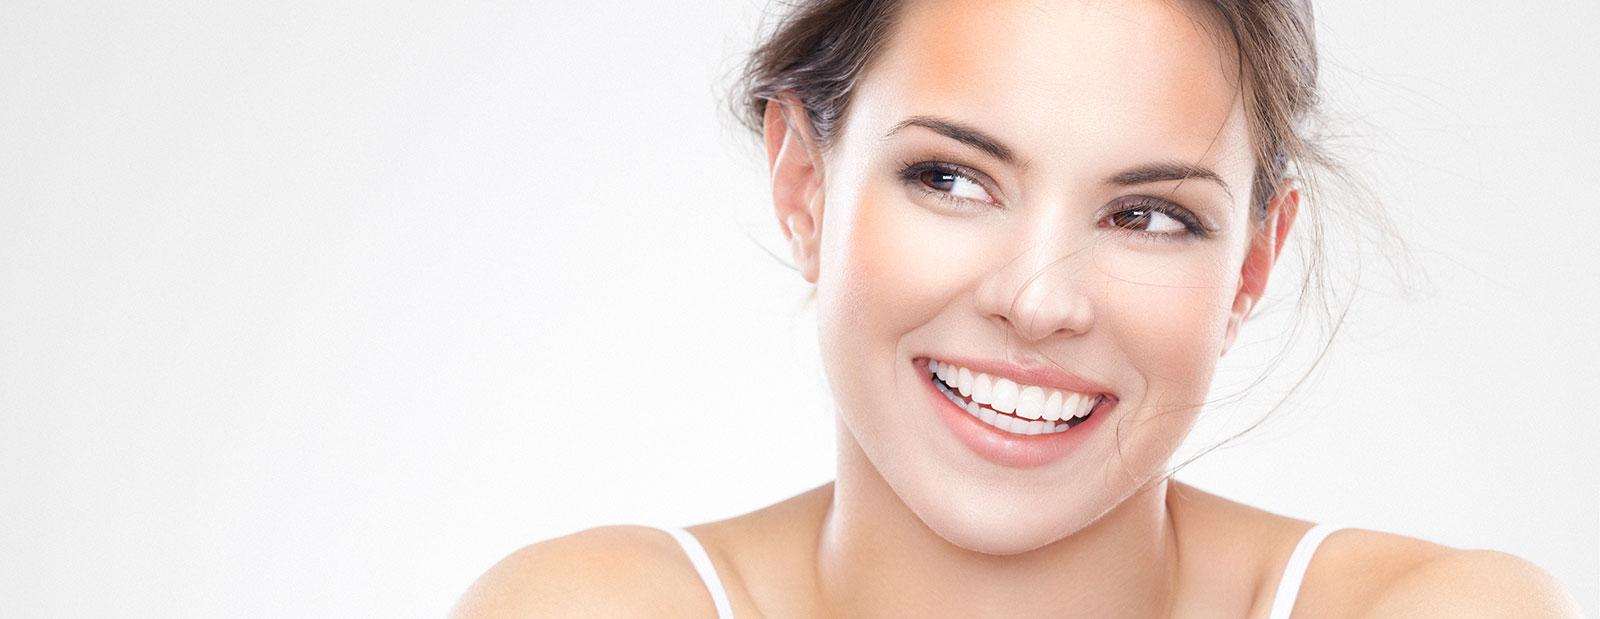 Nachteile von Amalgam als Füllmaterial in Zähnen